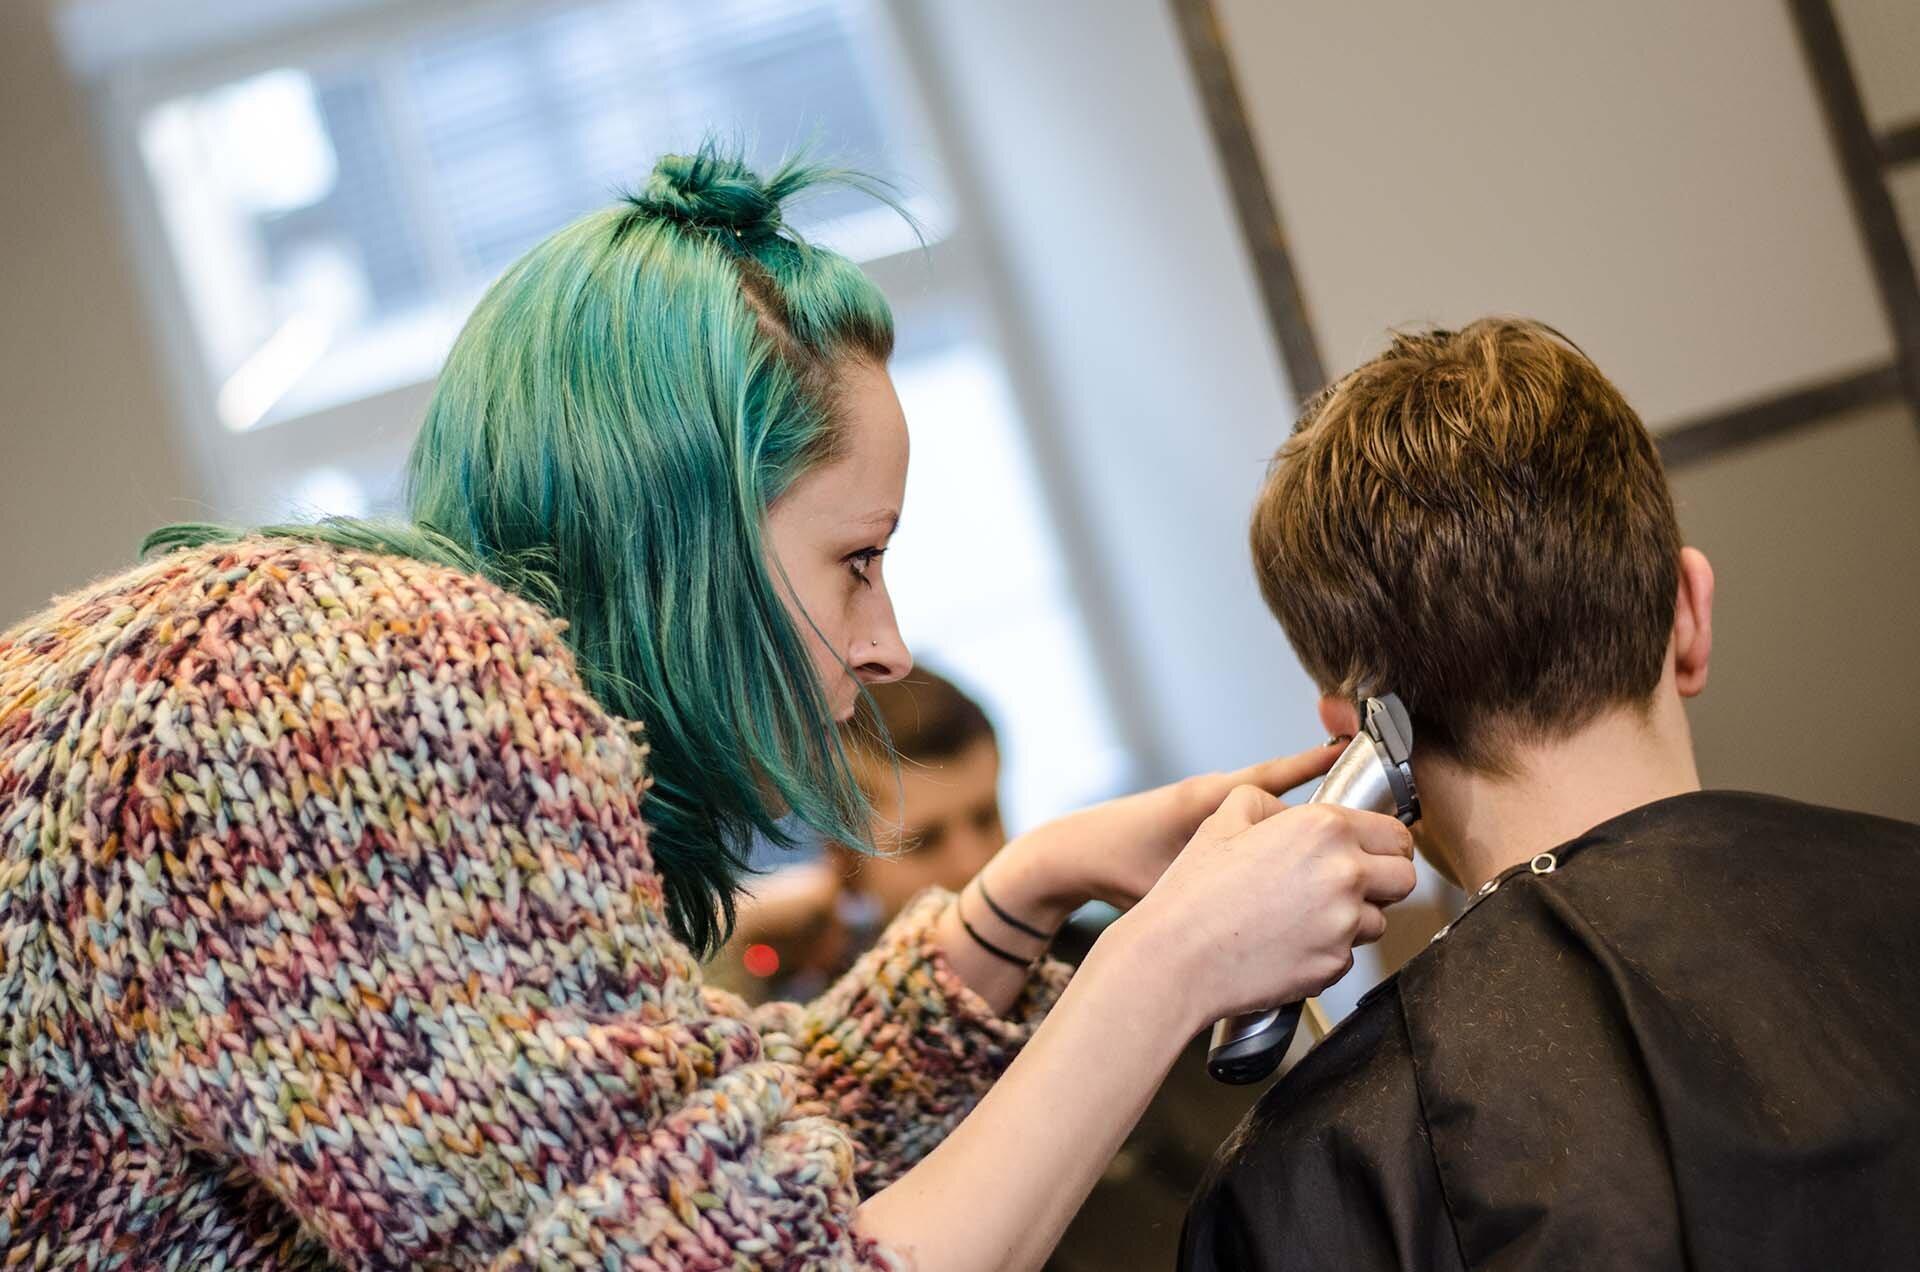 GMALE by Grzegorz Paliś, Przewodnik po krakowskich fryzjerach, Ranking fryzjerów, Najlepsi fryzjerzy w Krakowie, The Messy Head Hospital